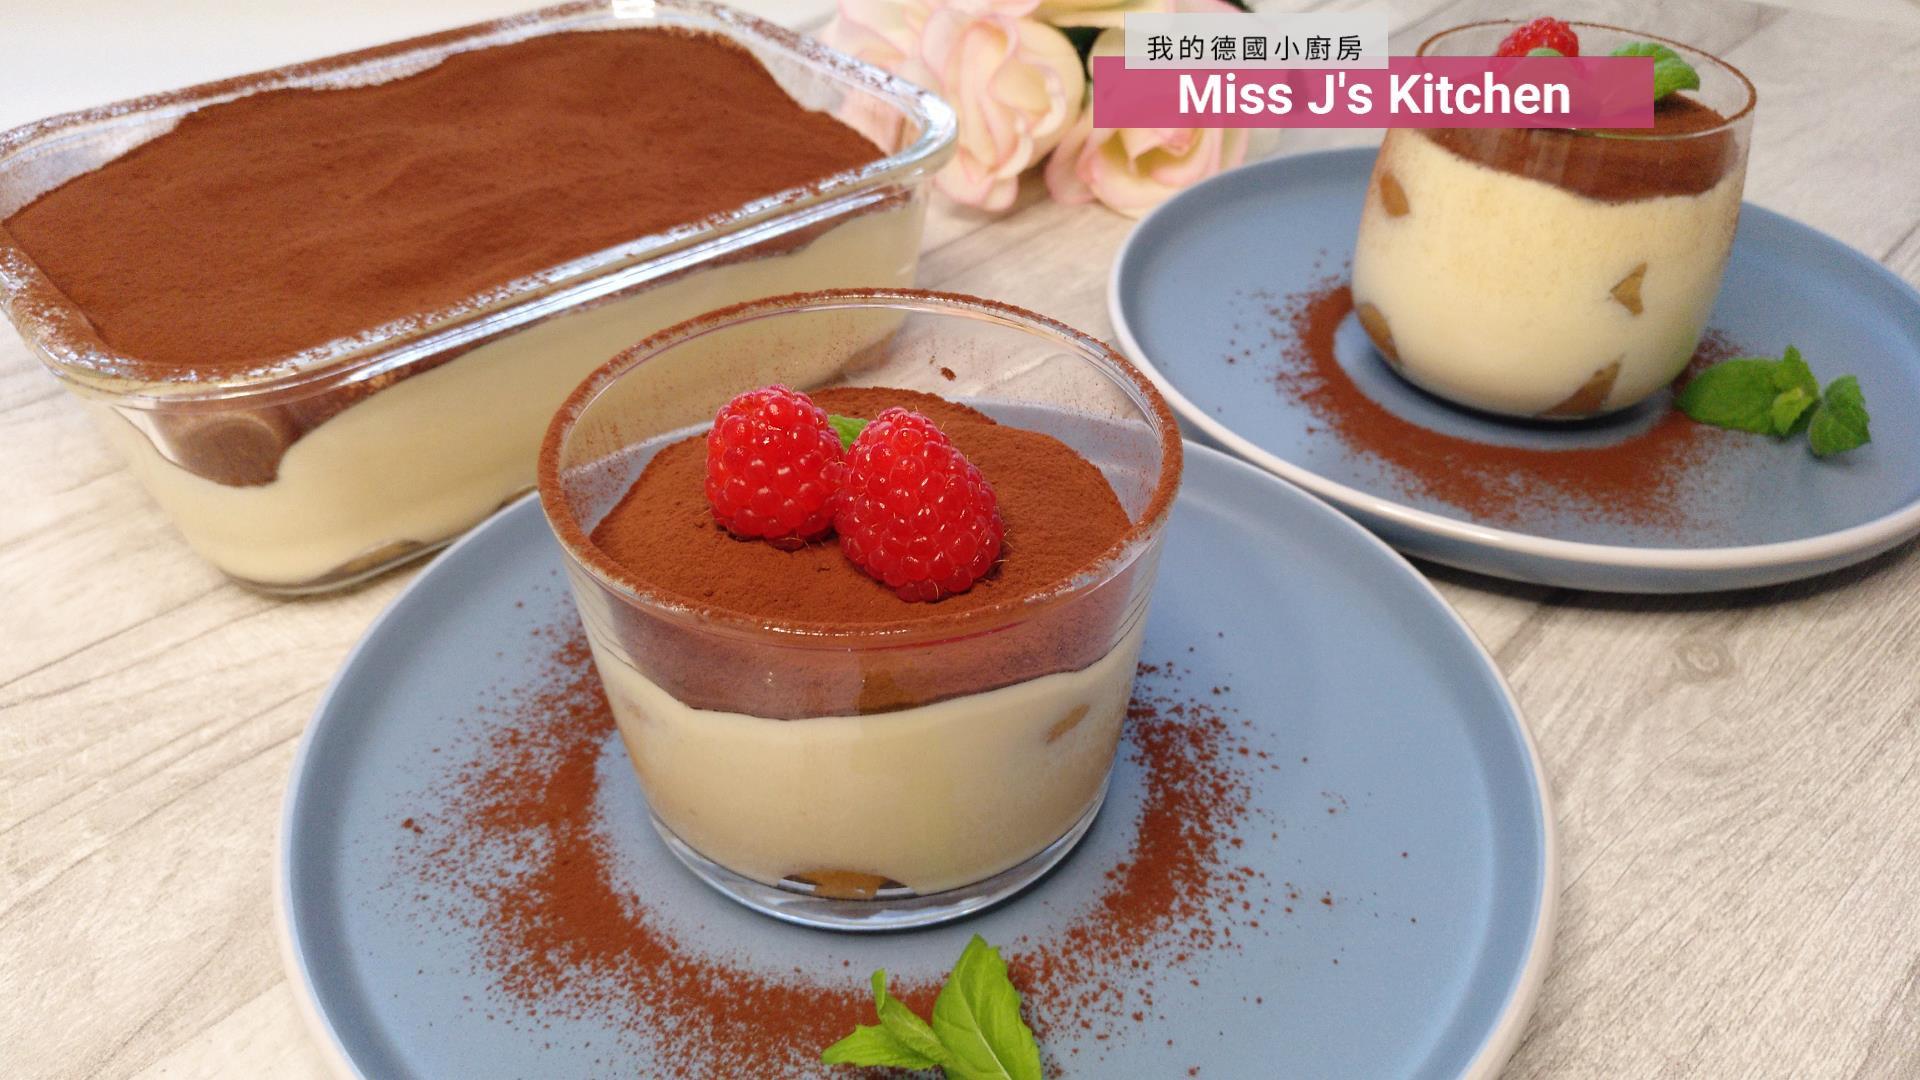 提拉米蘇 - 最經典的義大利甜點